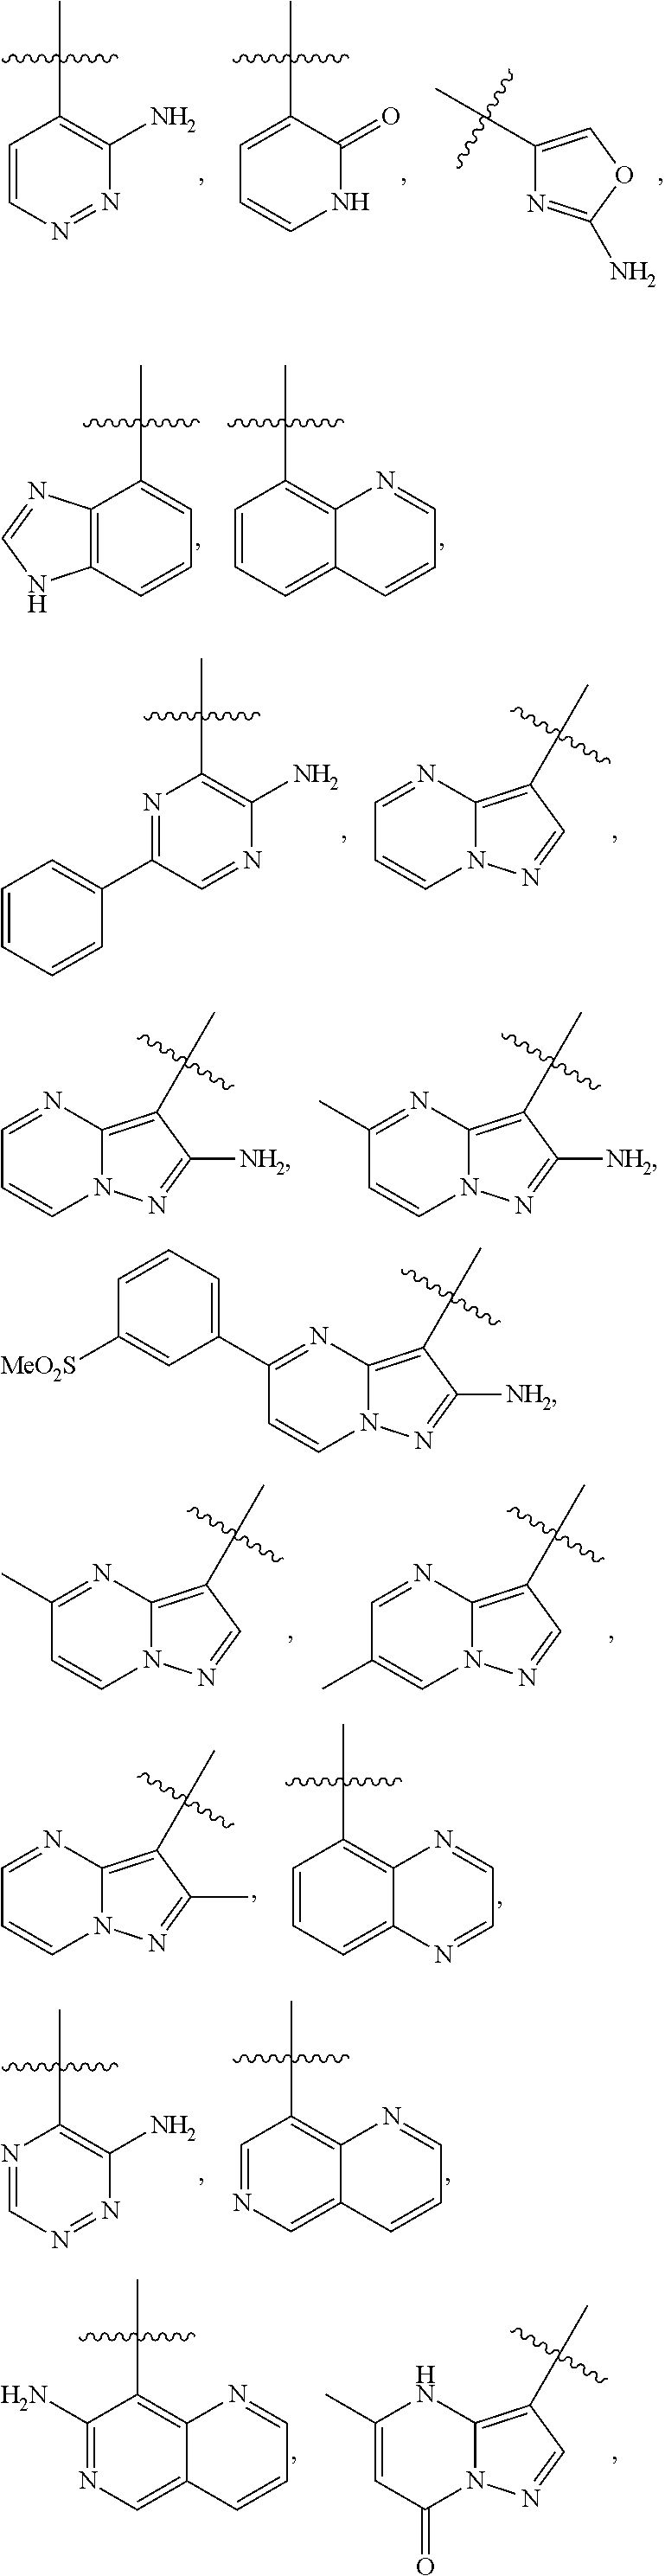 Figure US09708348-20170718-C00019